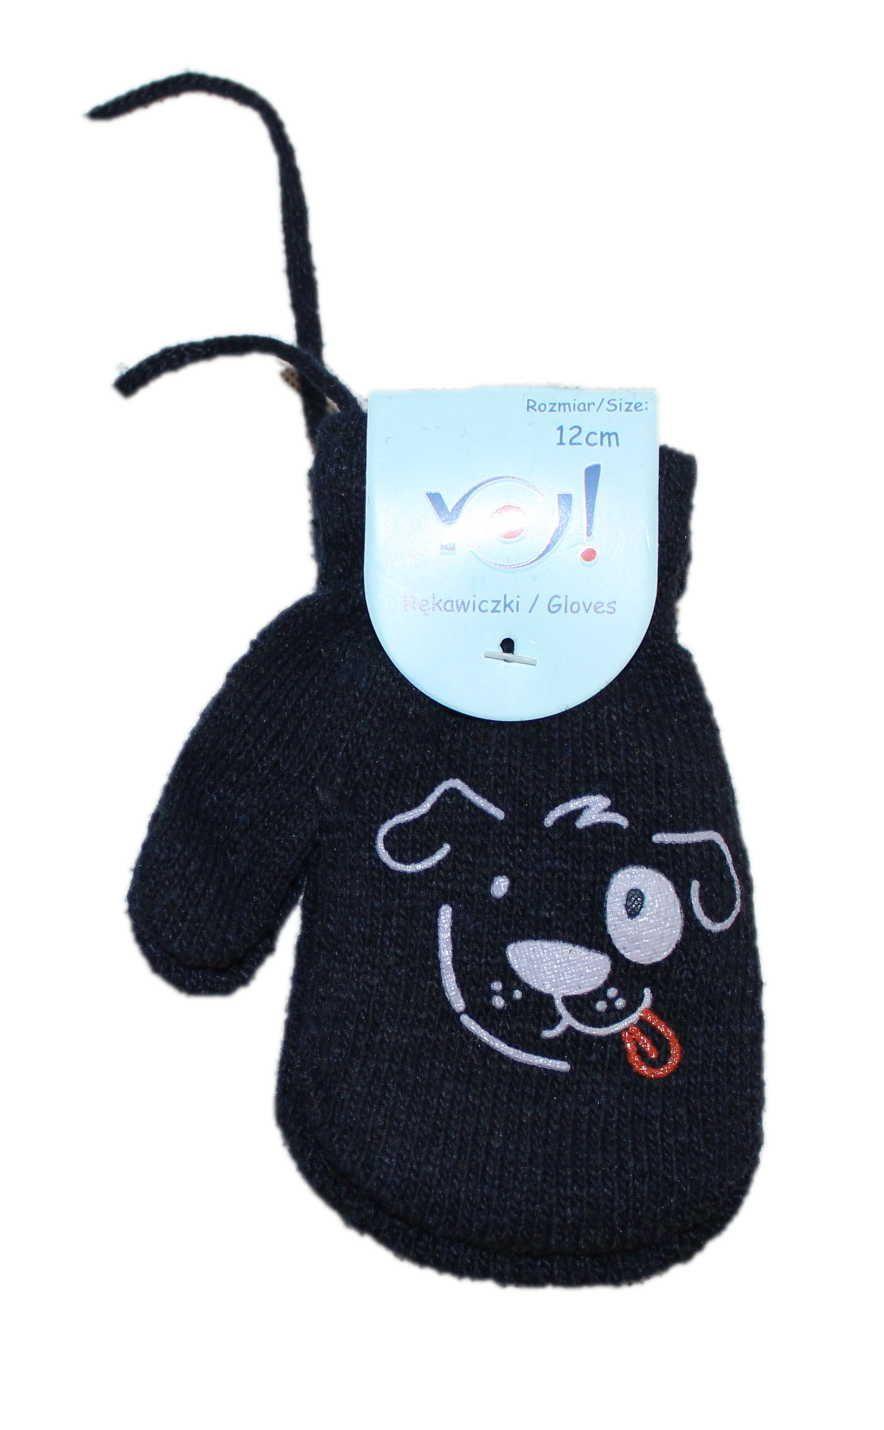 Dětské rukavice dětské palčáky slabé rukavice New fashion